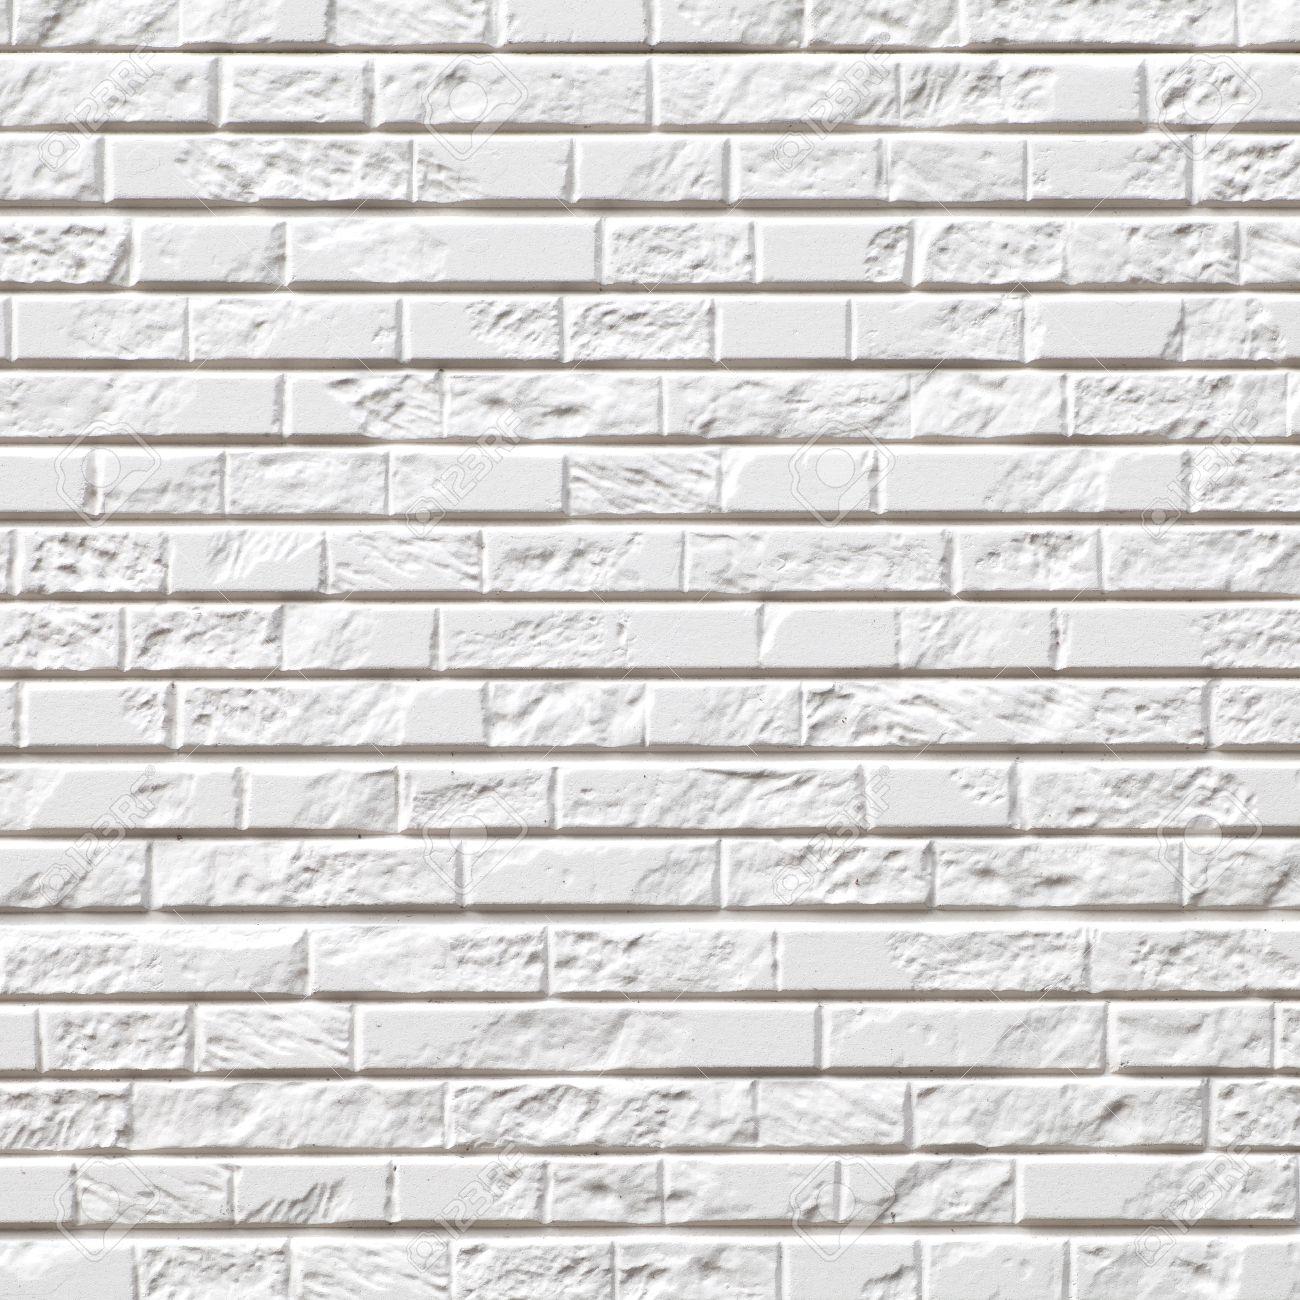 Moderne fliesen textur  Weißer Beton Oder Zement Modernen Fliesenwand Hintergrund Und ...